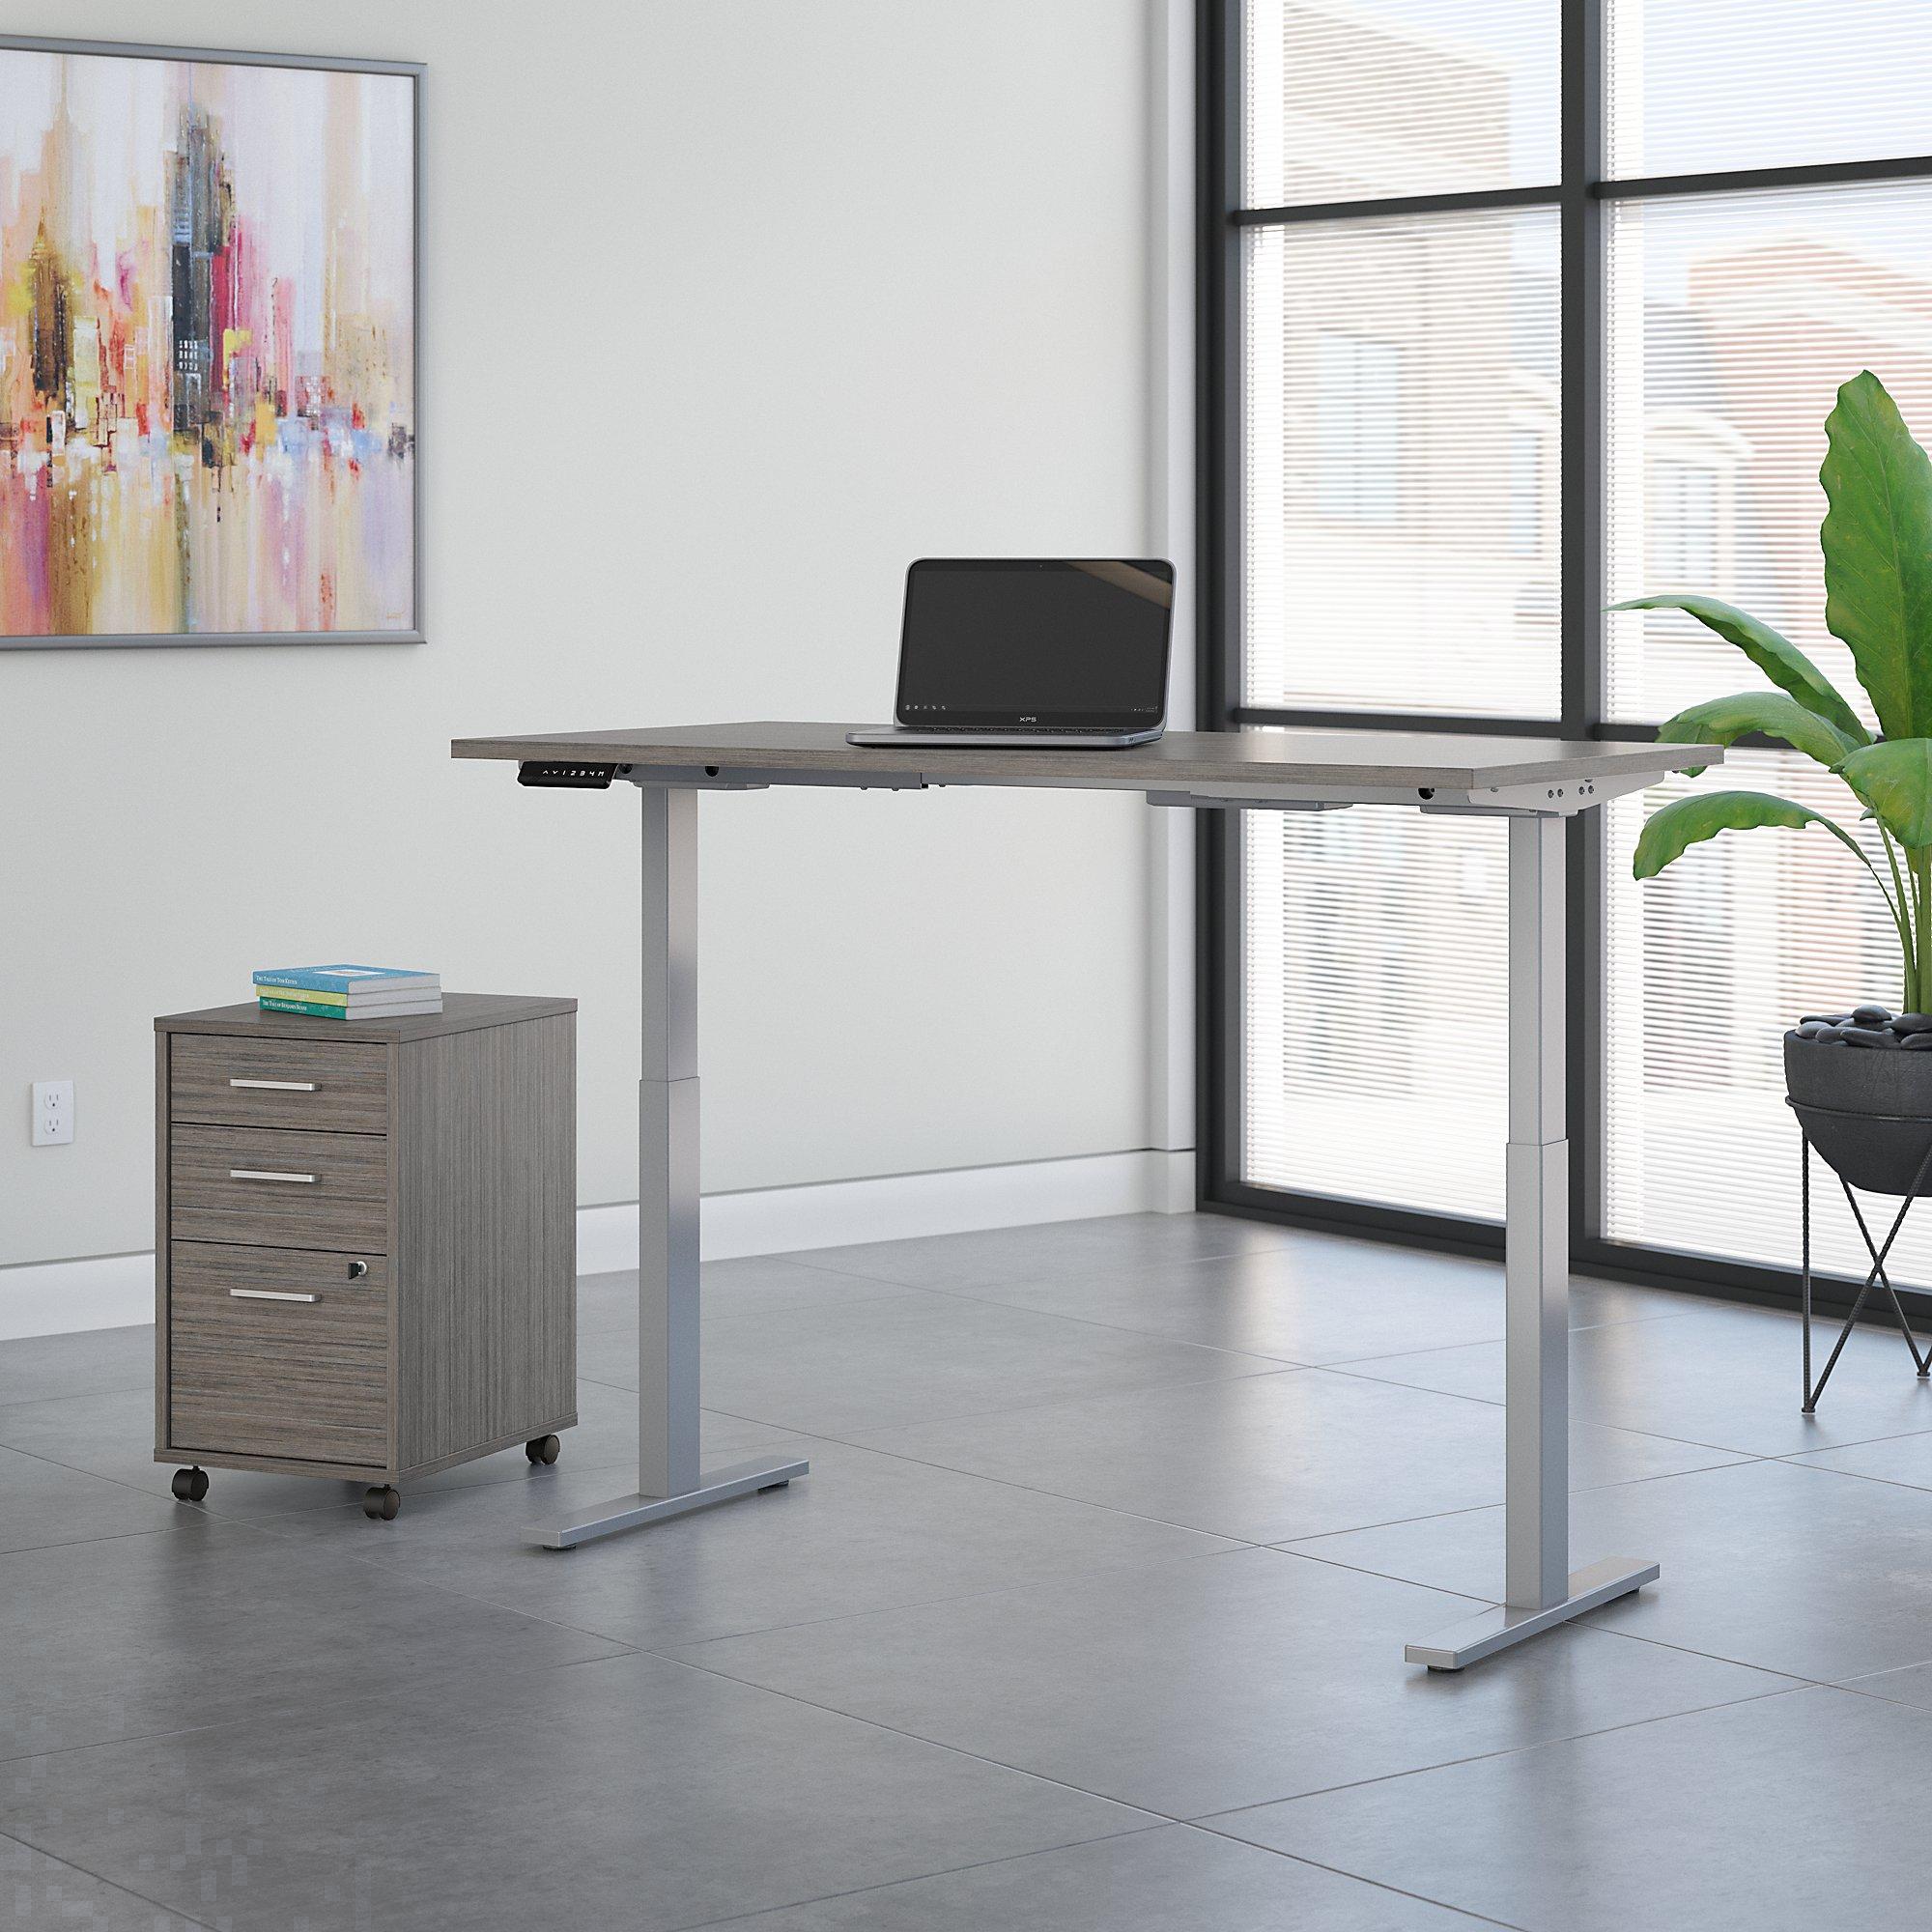 cocoa 72x30 ergonomic desk with file